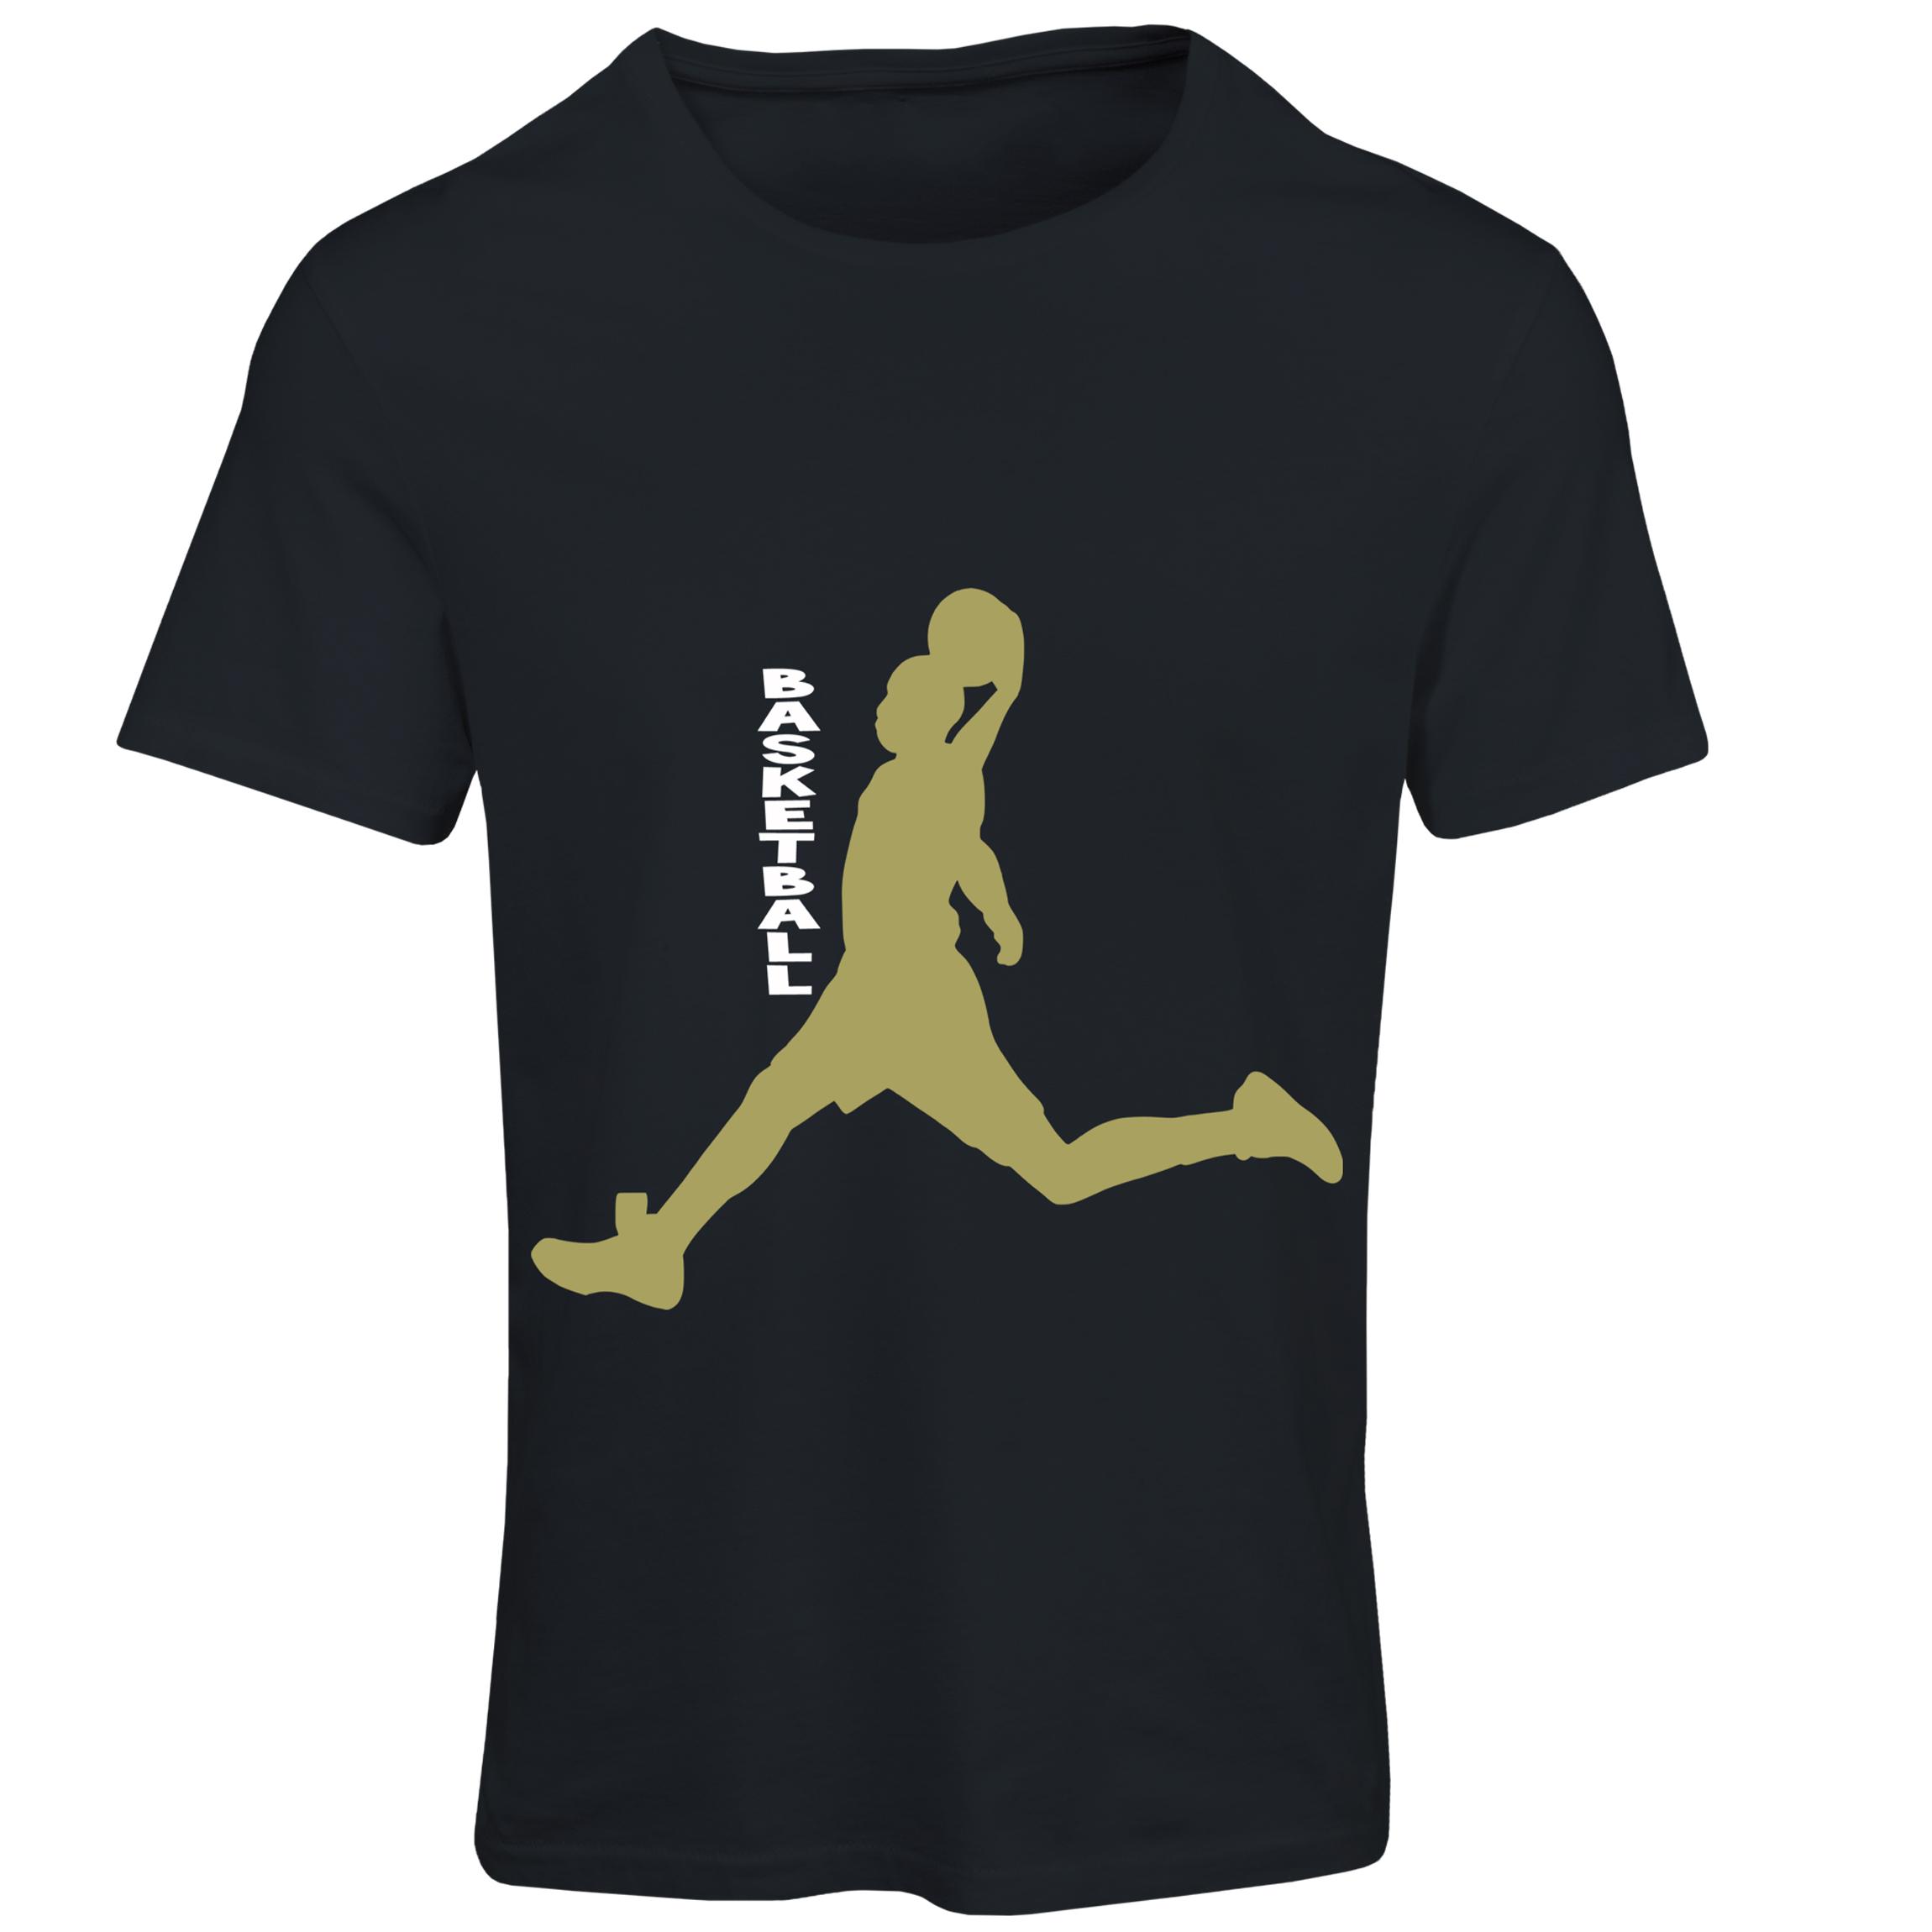 تیشرت آستین کوتاه مردانه طرح بسکتبال کد SB123 رنگ مشکی